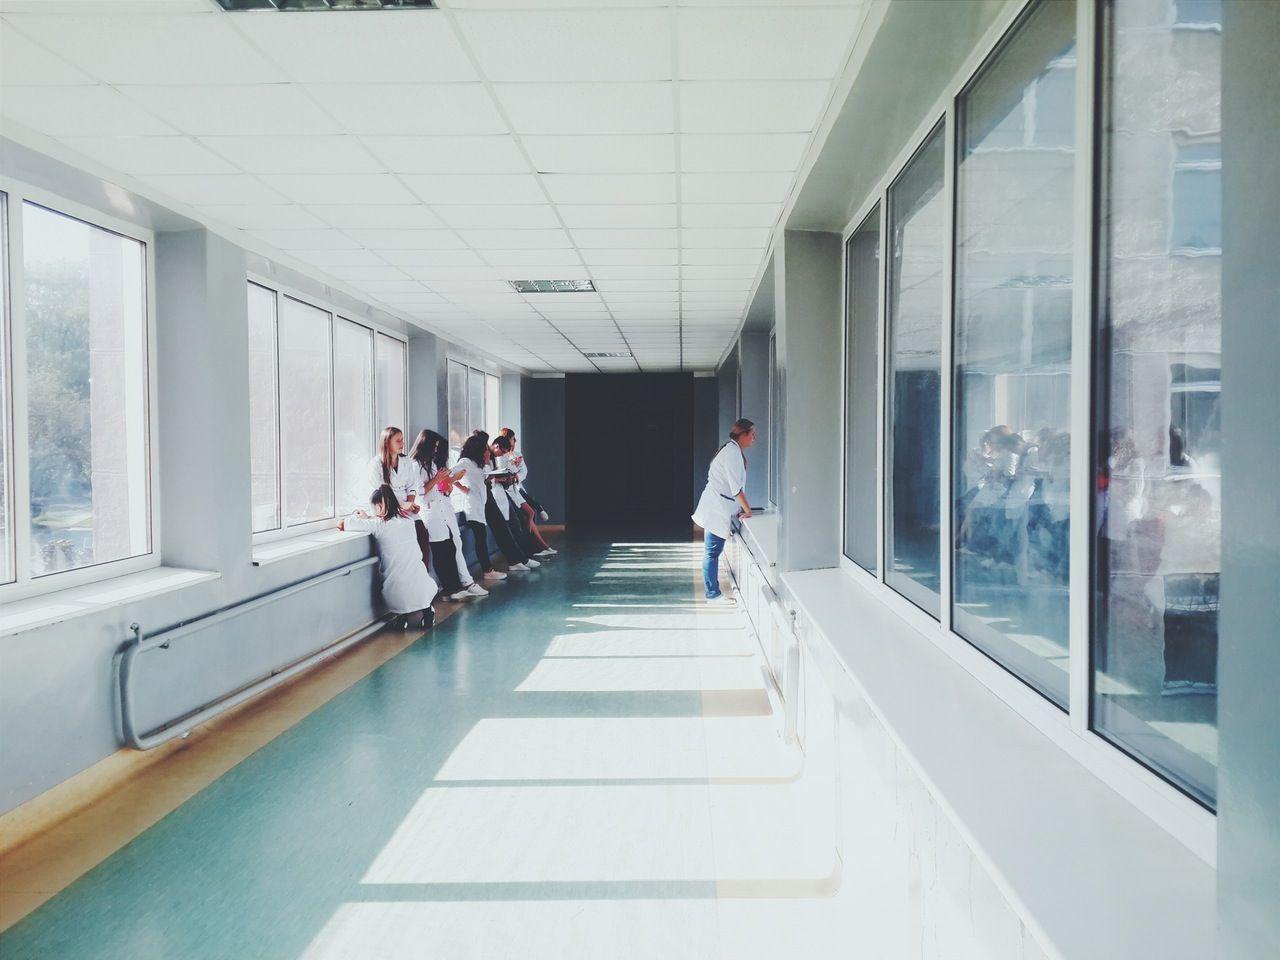 Why I Want To Be A Nurse Nursing school, Hospital